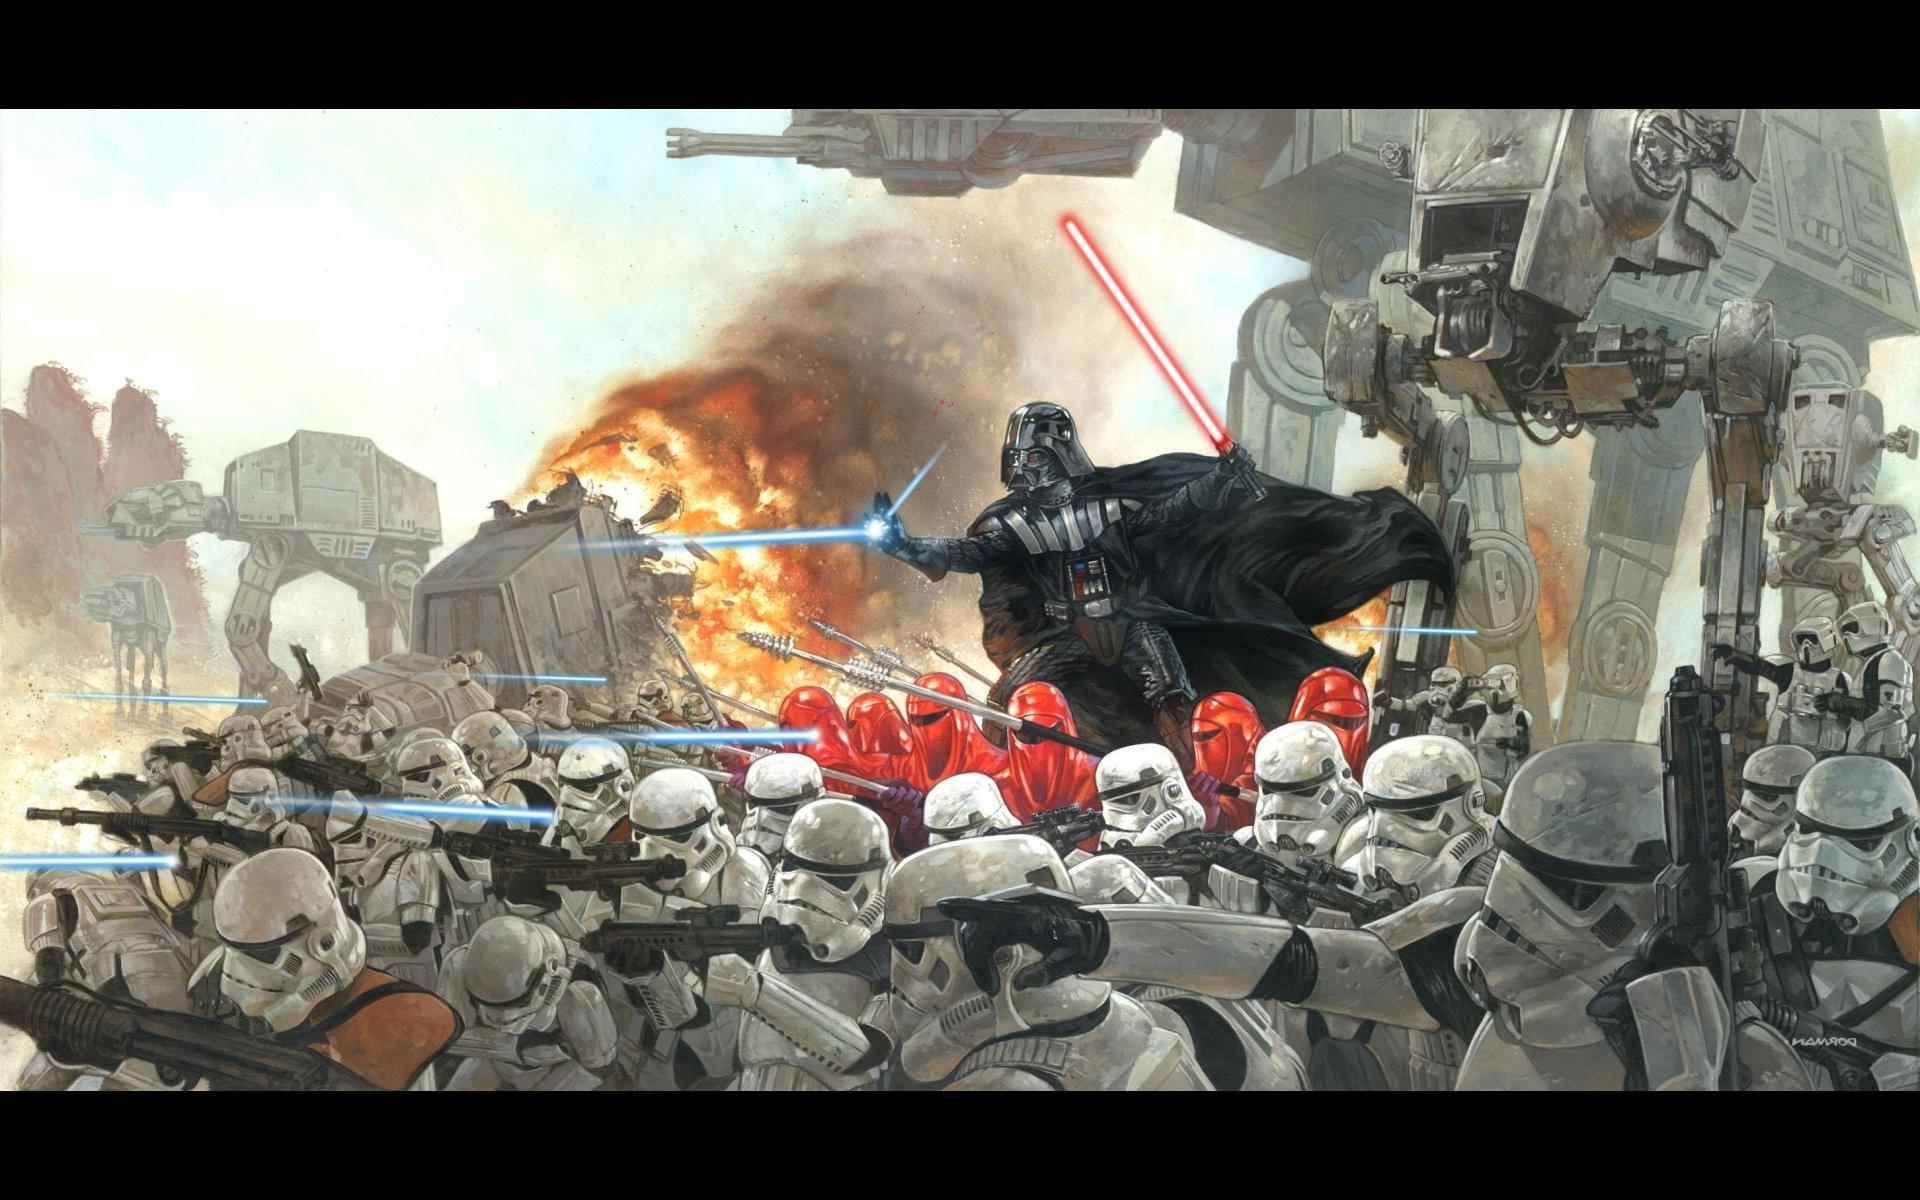 Wallpaper Star Wars War Battle Soldier Darth Vader